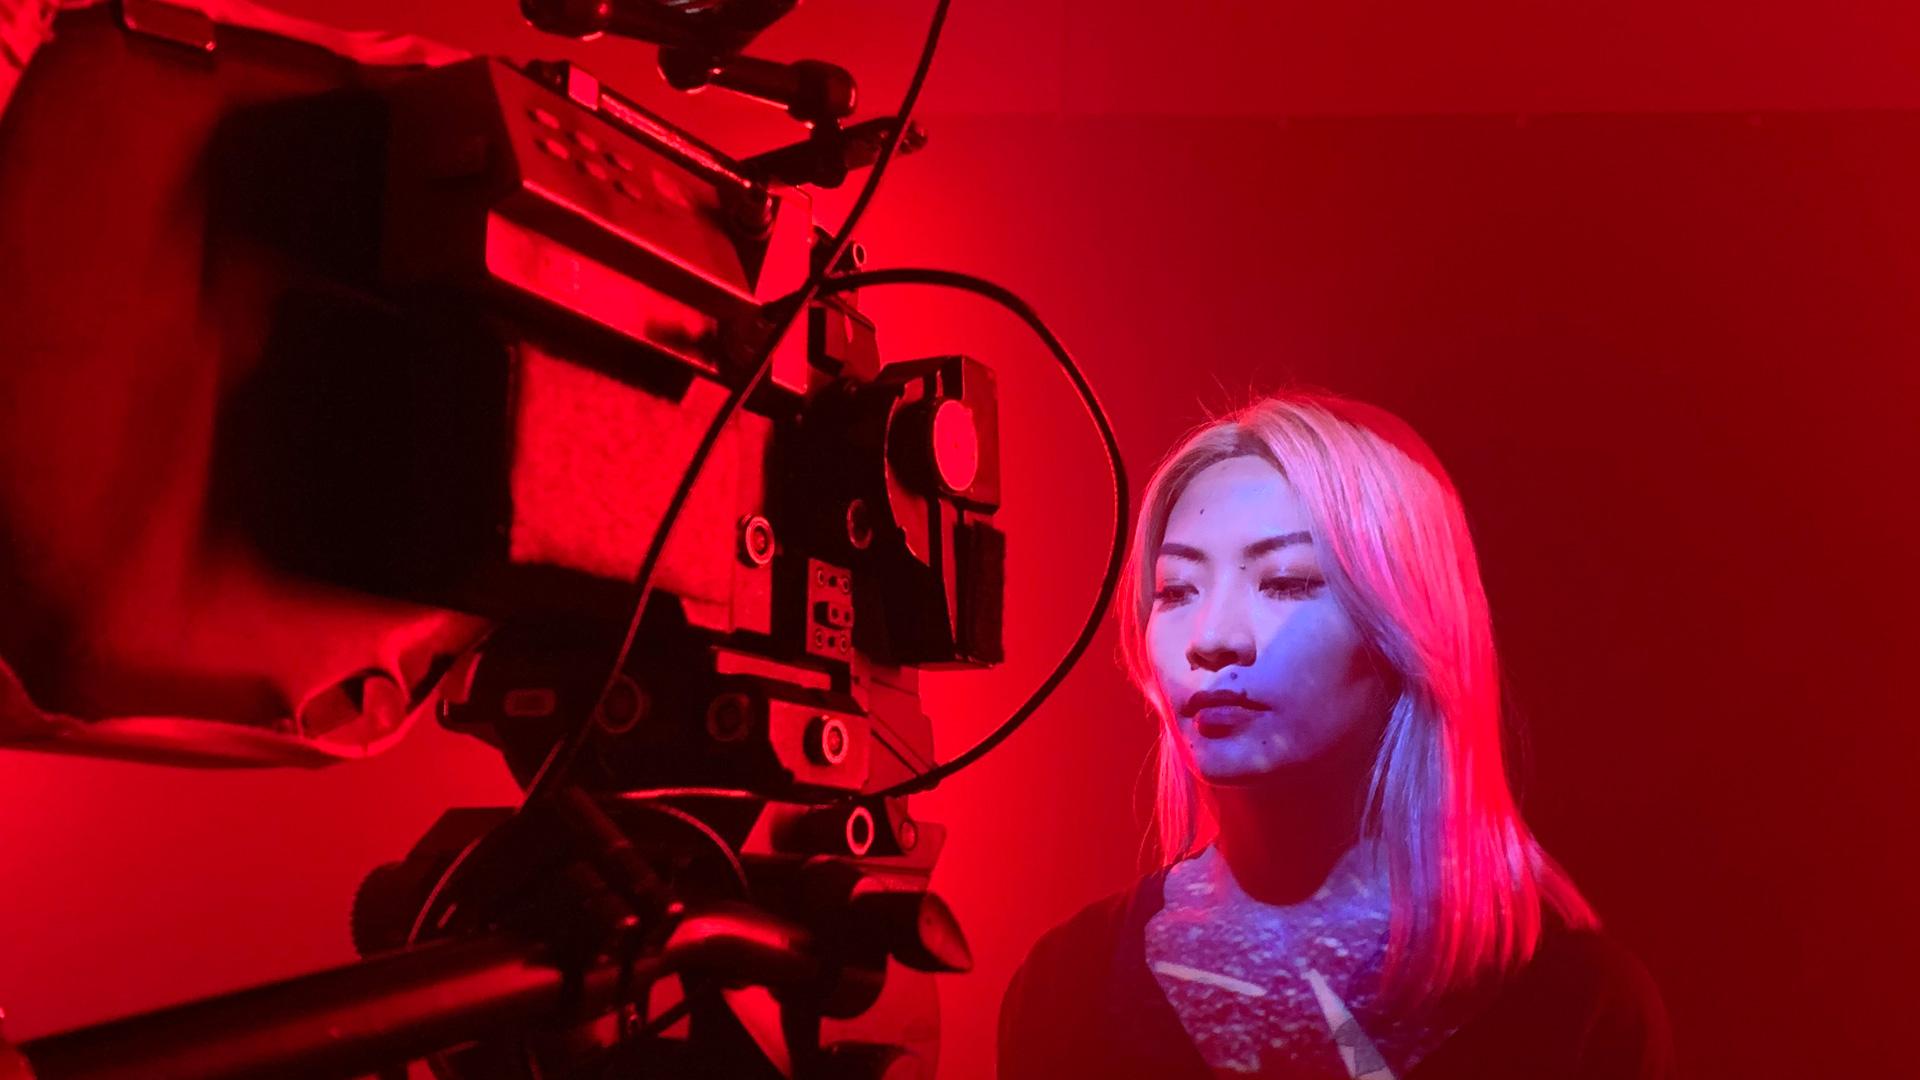 Filmación con rollos de película en 2020: tres talentosos cineastas demuestran que esta industria no ha muerto